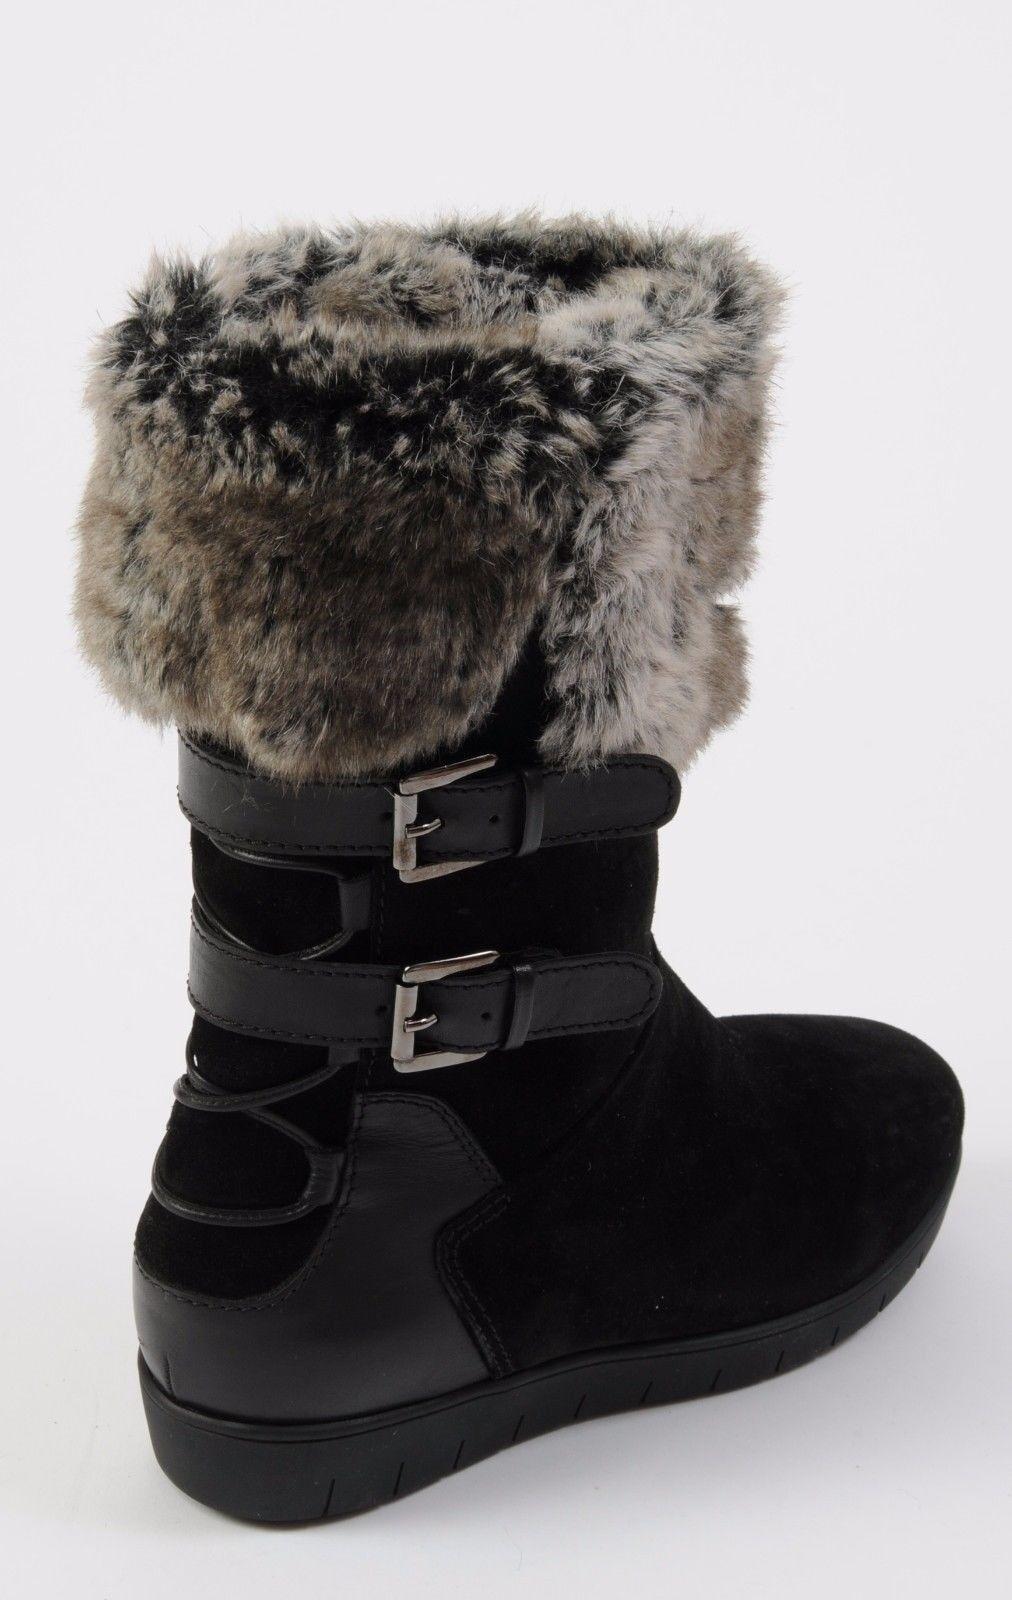 Nuevas botas Aquatalia weslyn Negro Negro Negro gris Gamuza Imitación Piel Zapatos Talla 9 hebillas para mujer  envío gratis